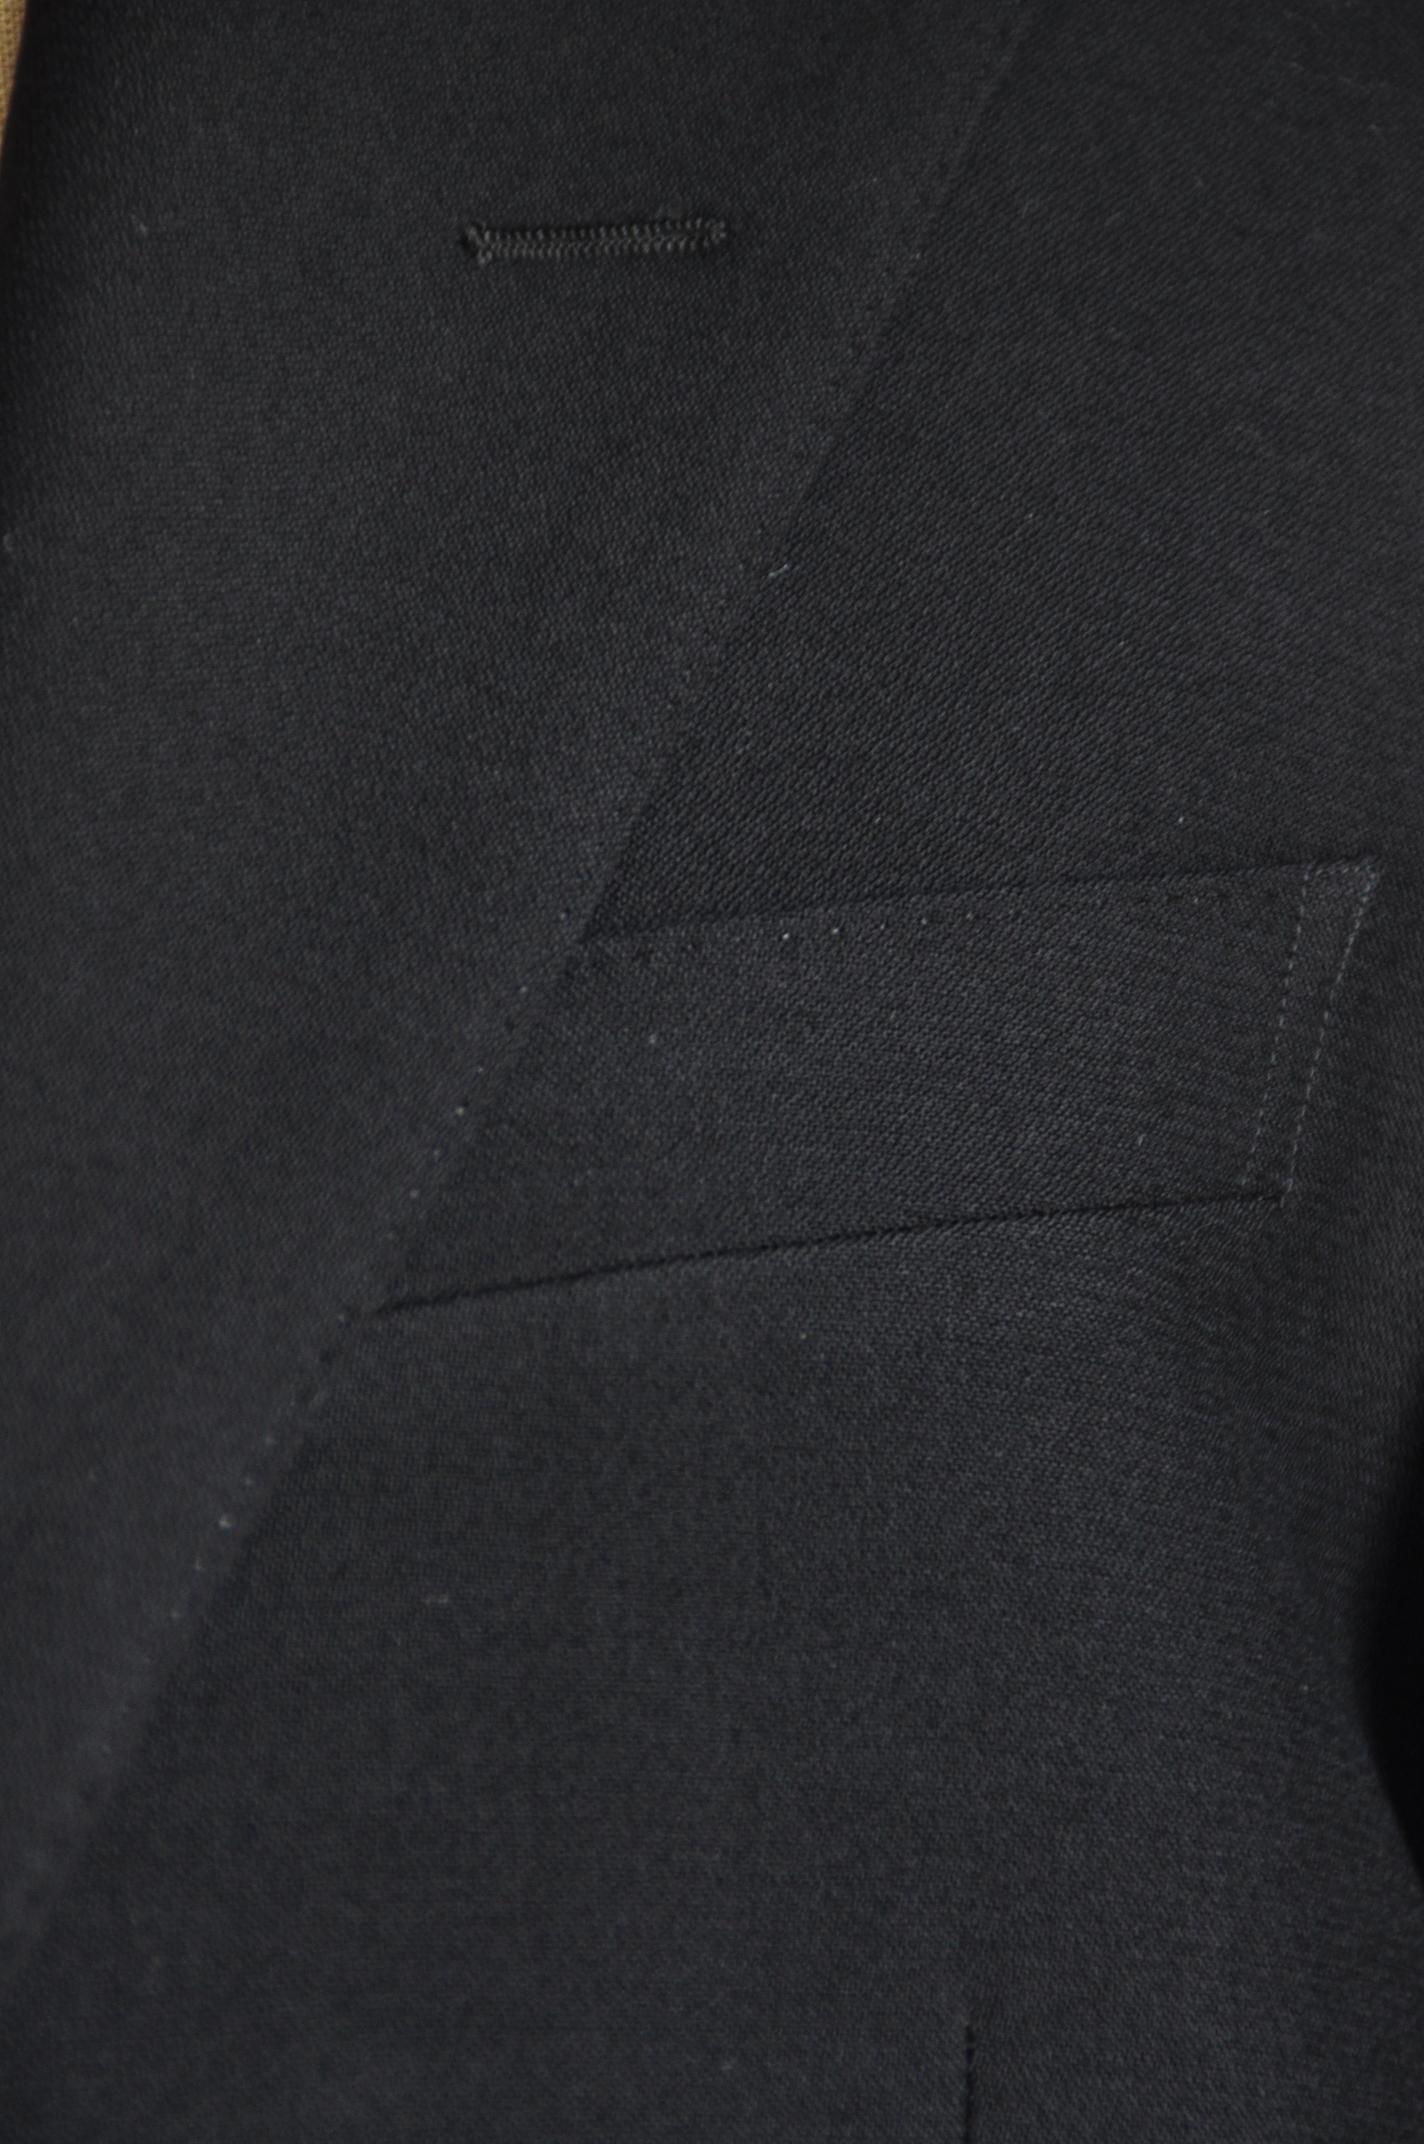 DSC0529 オーダースーツ- ブラックスリーピーススーツ-